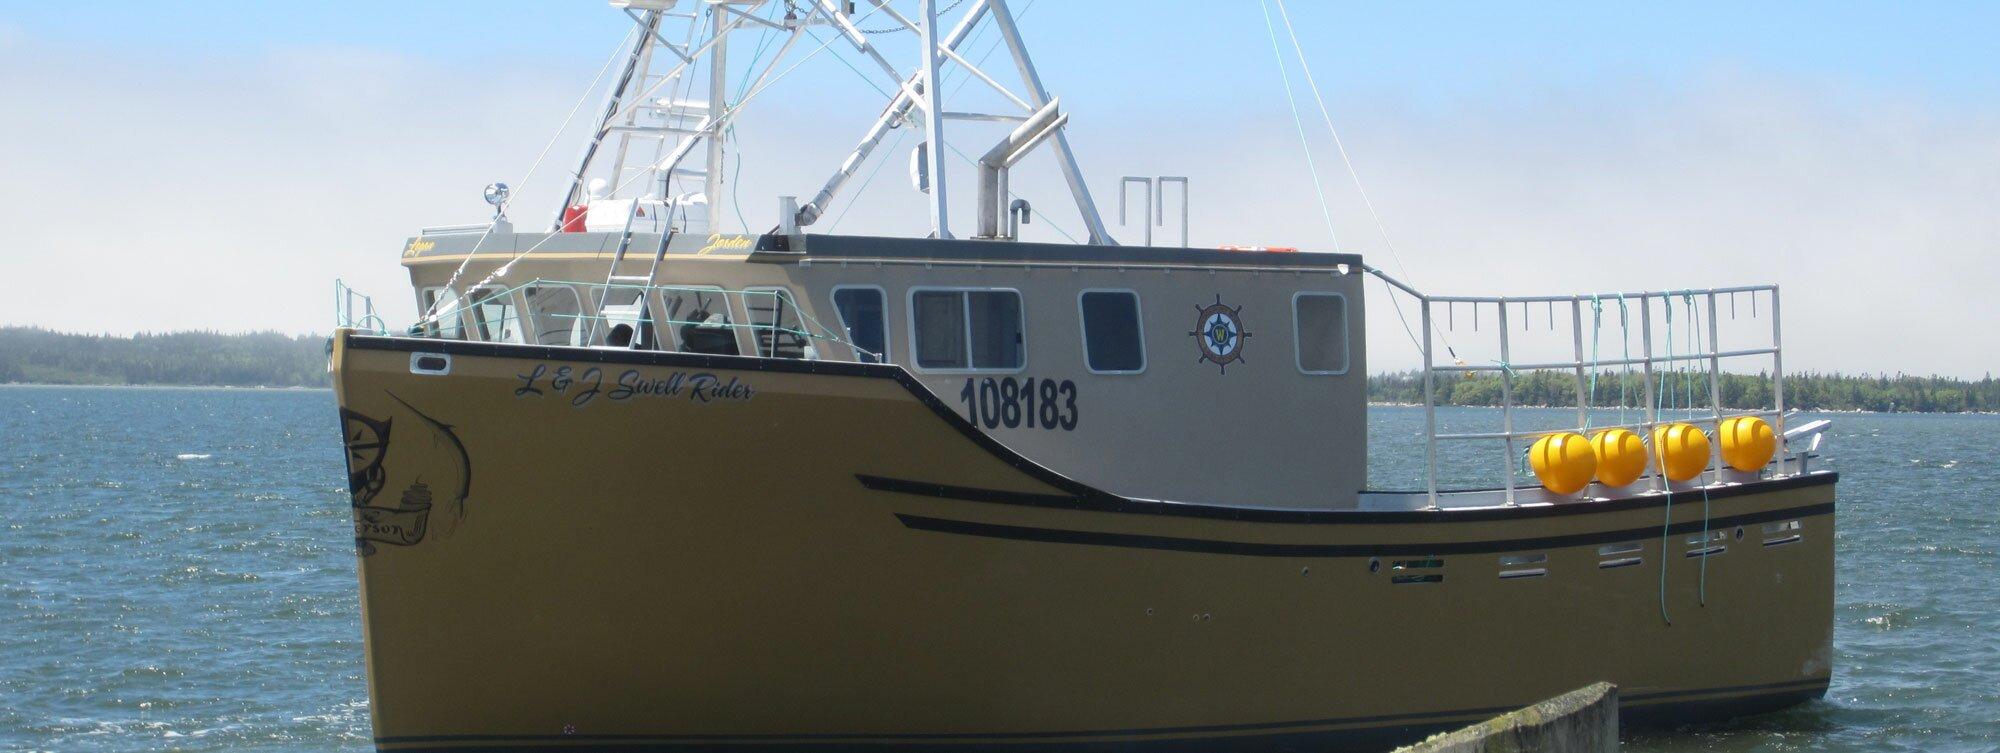 Boat - L & J Swell Rider